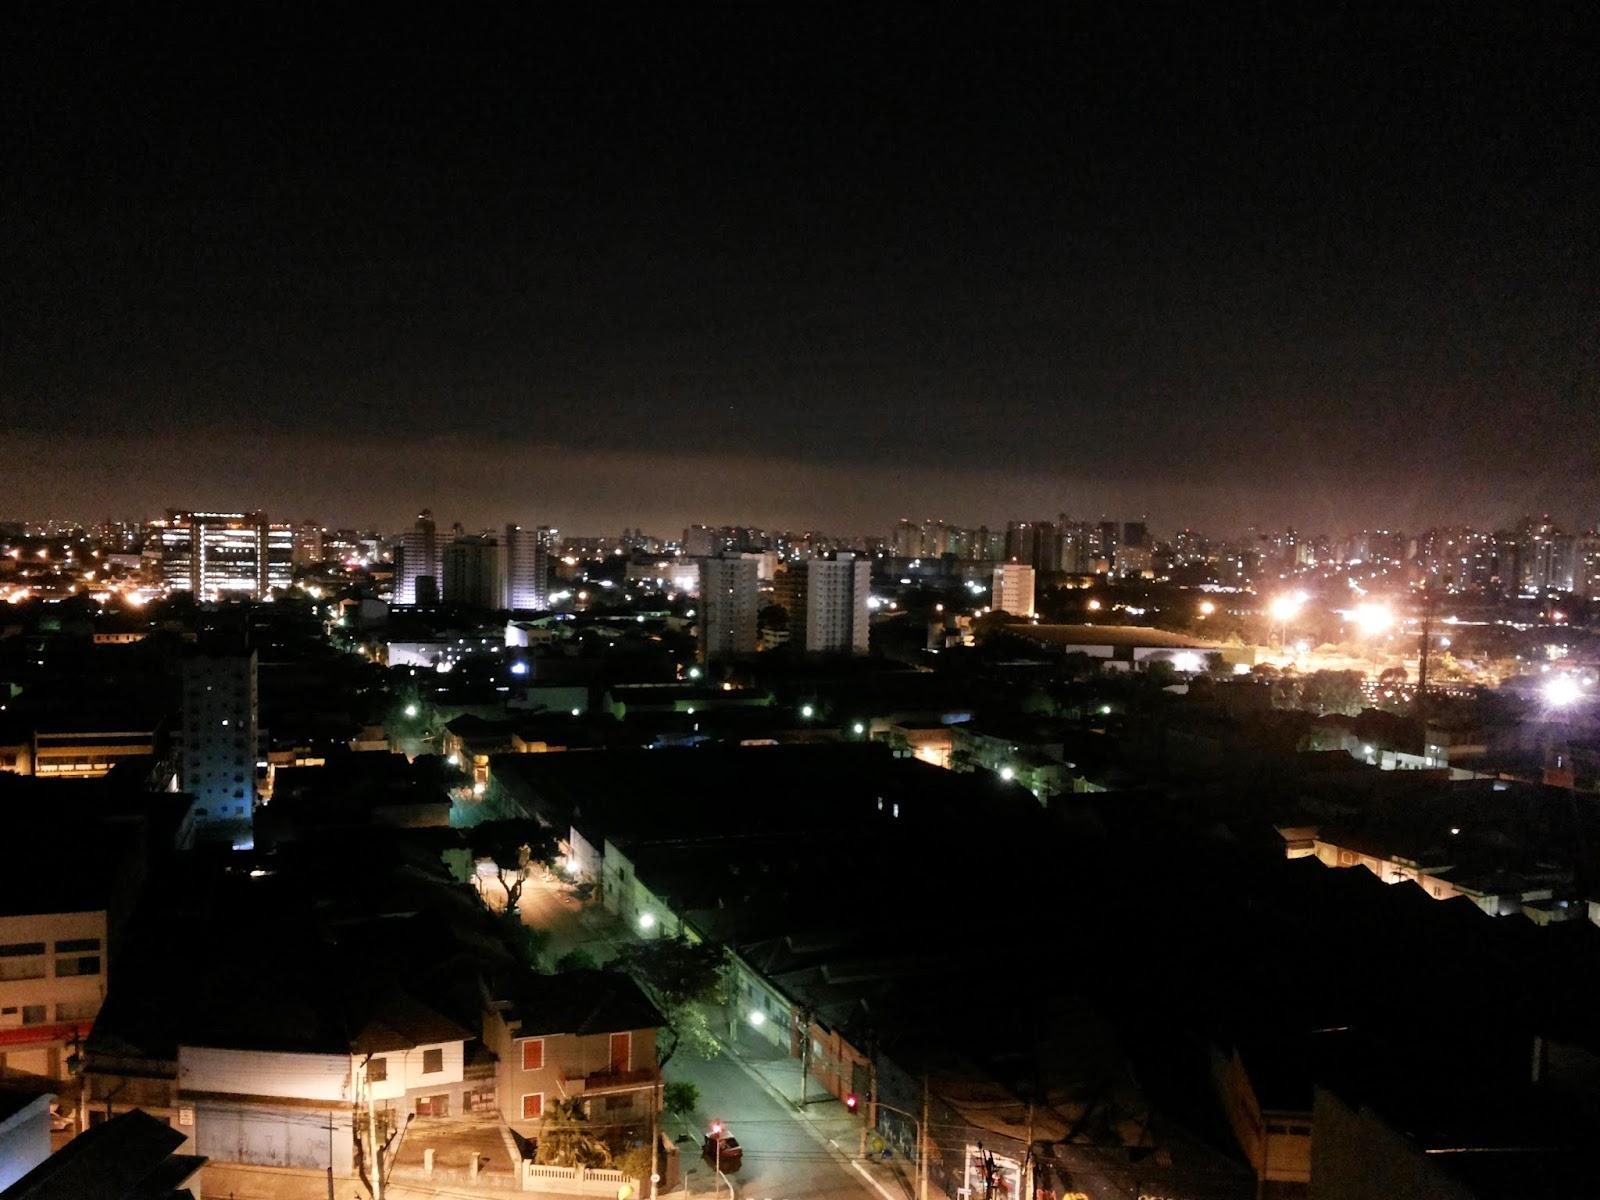 Foto noturna tirada com a câmera do smartphone Samsung Galaxy Gran Duos